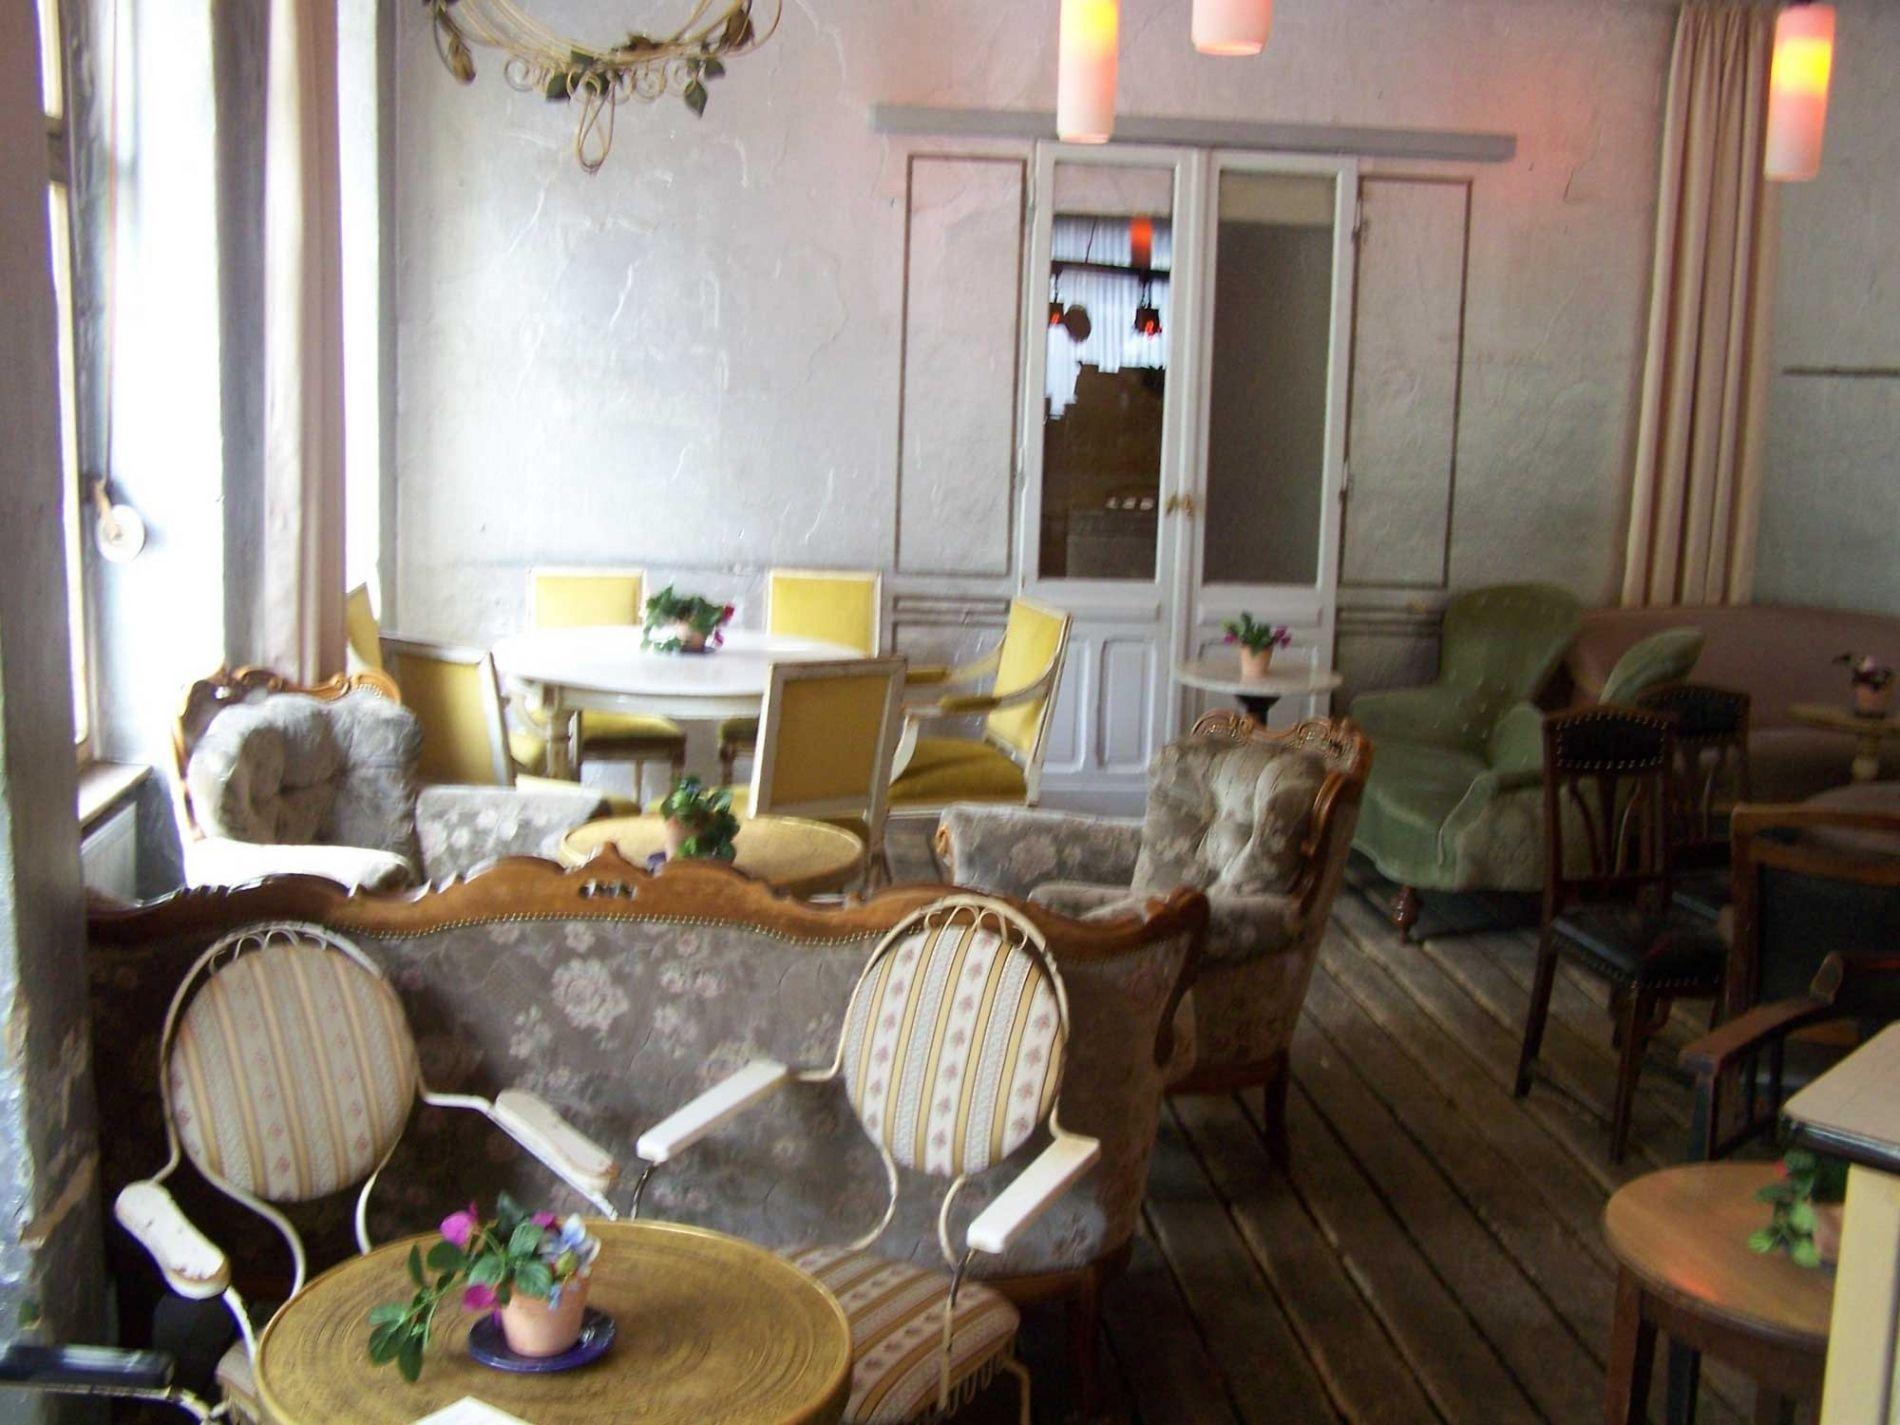 Wohnzimmer Cafe ~ Inspirierend wohnzimmer cafe berlin wohnzimmer ideen